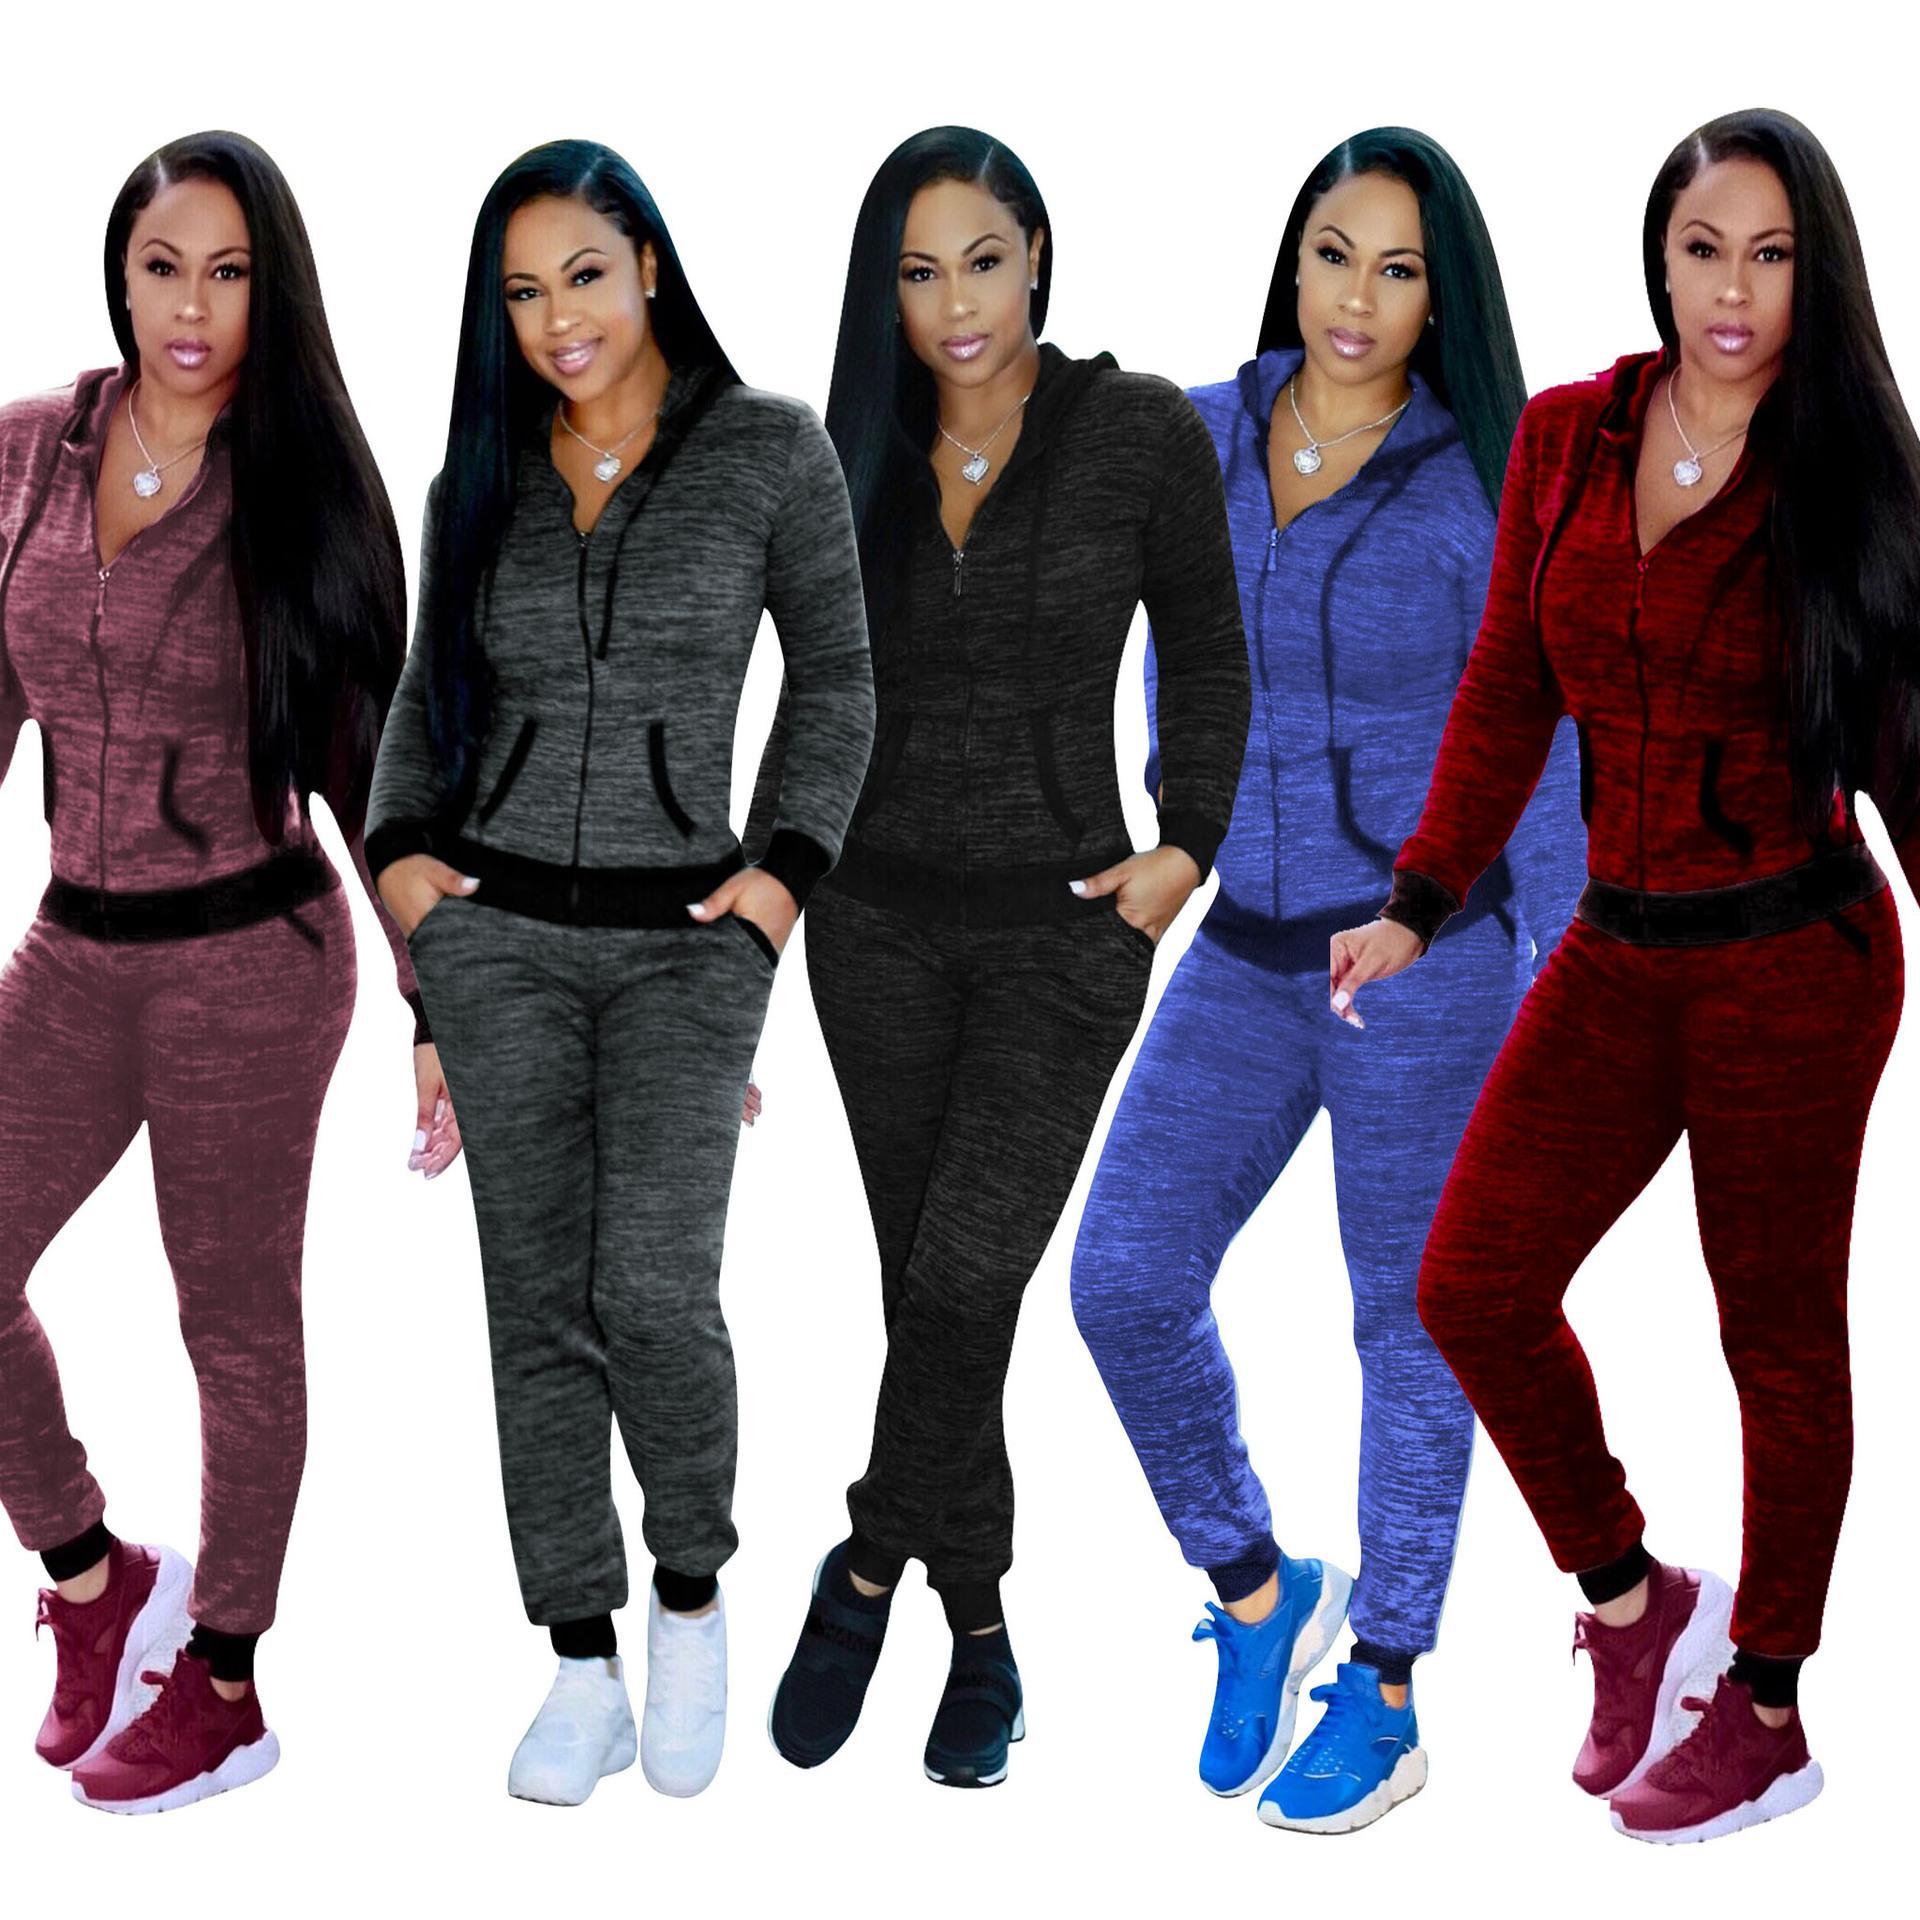 5 색 S-XXL 2 개 세트 여성용 캐쥬얼 후디 탑 스웨트 트랙 팬츠 슈트 운동복 56,493,719,363,668 땀